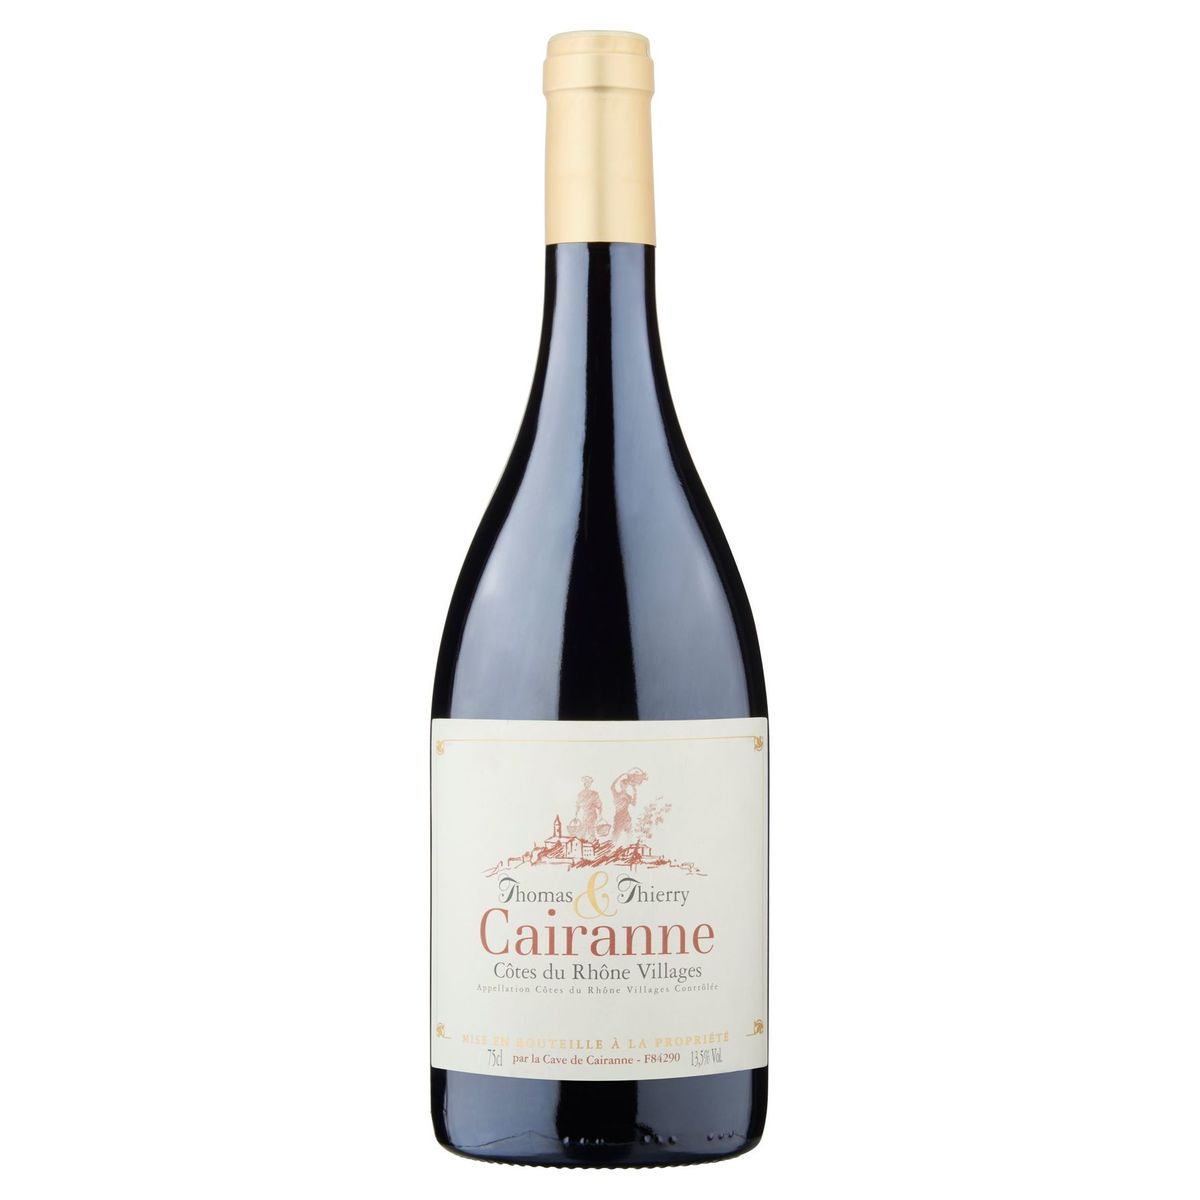 Thomas & Thierry Cairanne Côtes du Rhône Villages 75 cl